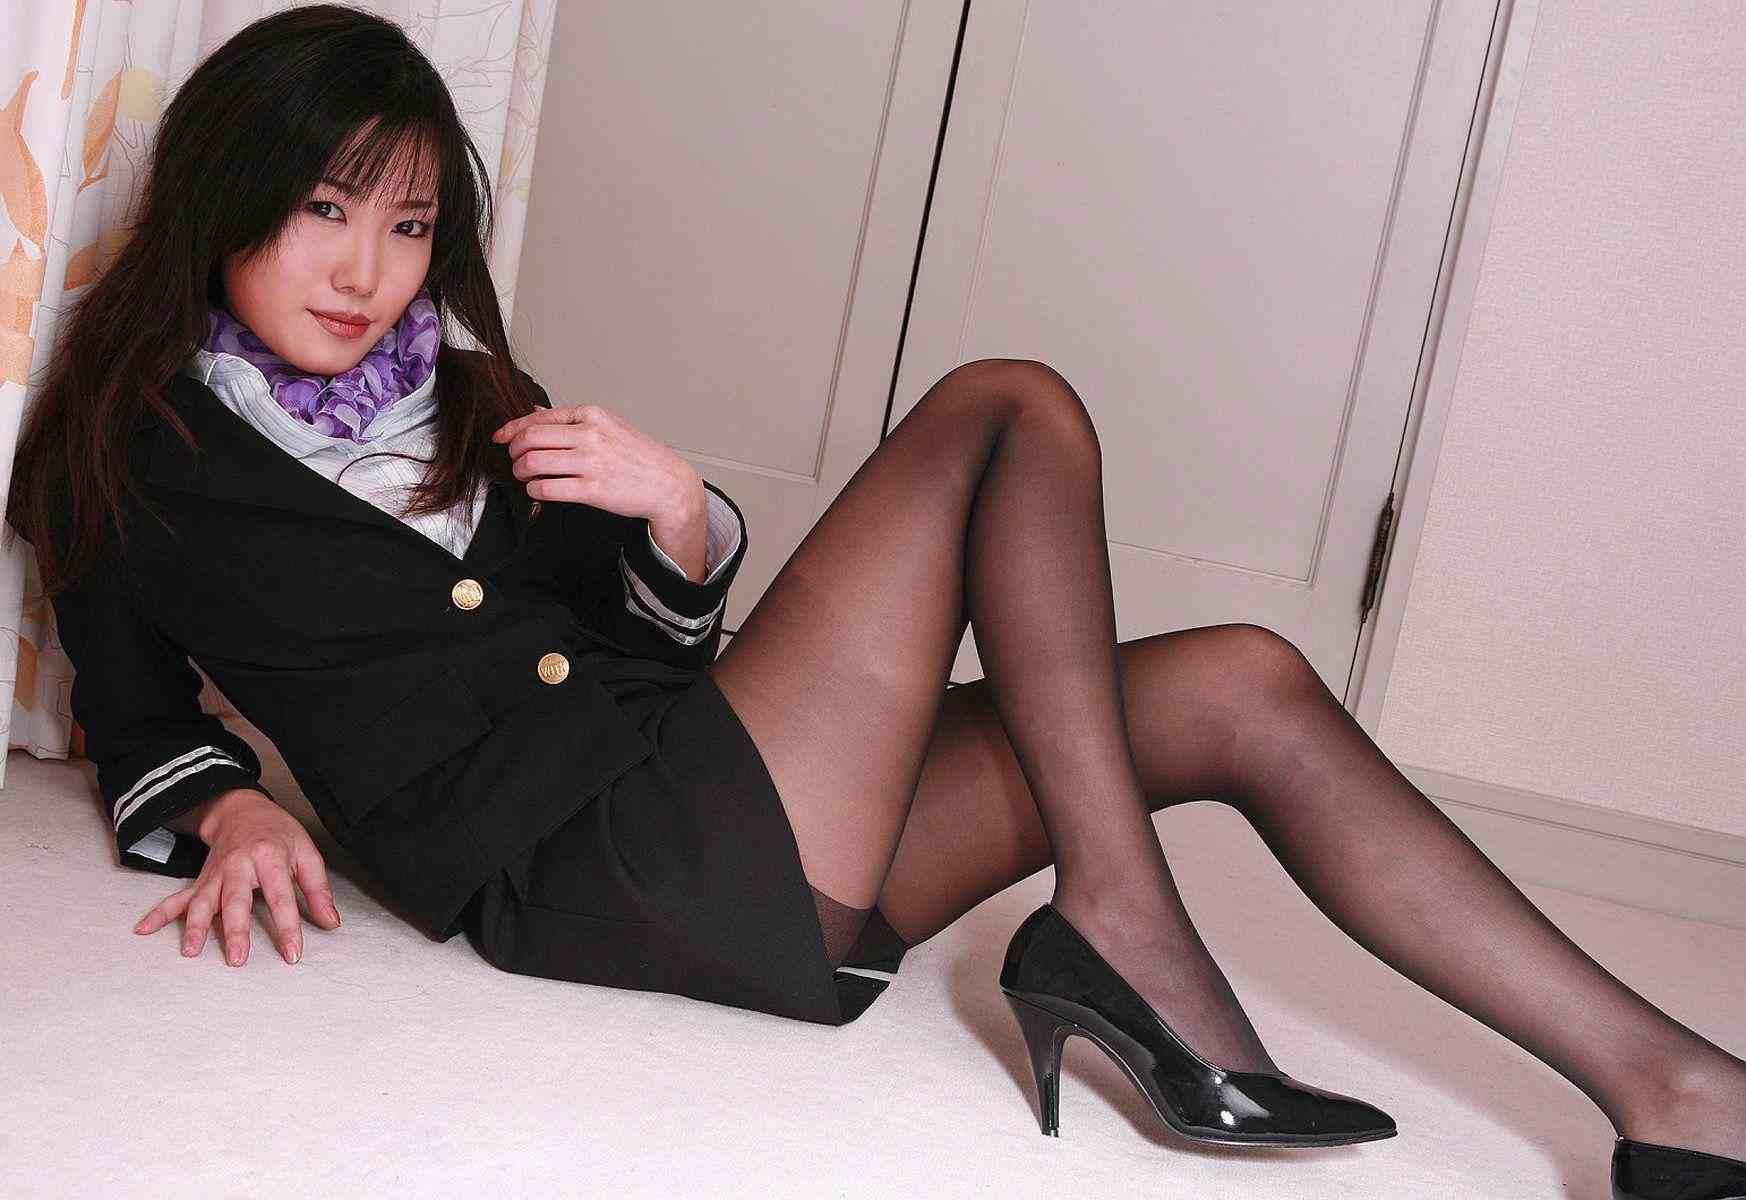 黒パンストヒール美脚OL金蹴り拷問M男エロ画像11枚目